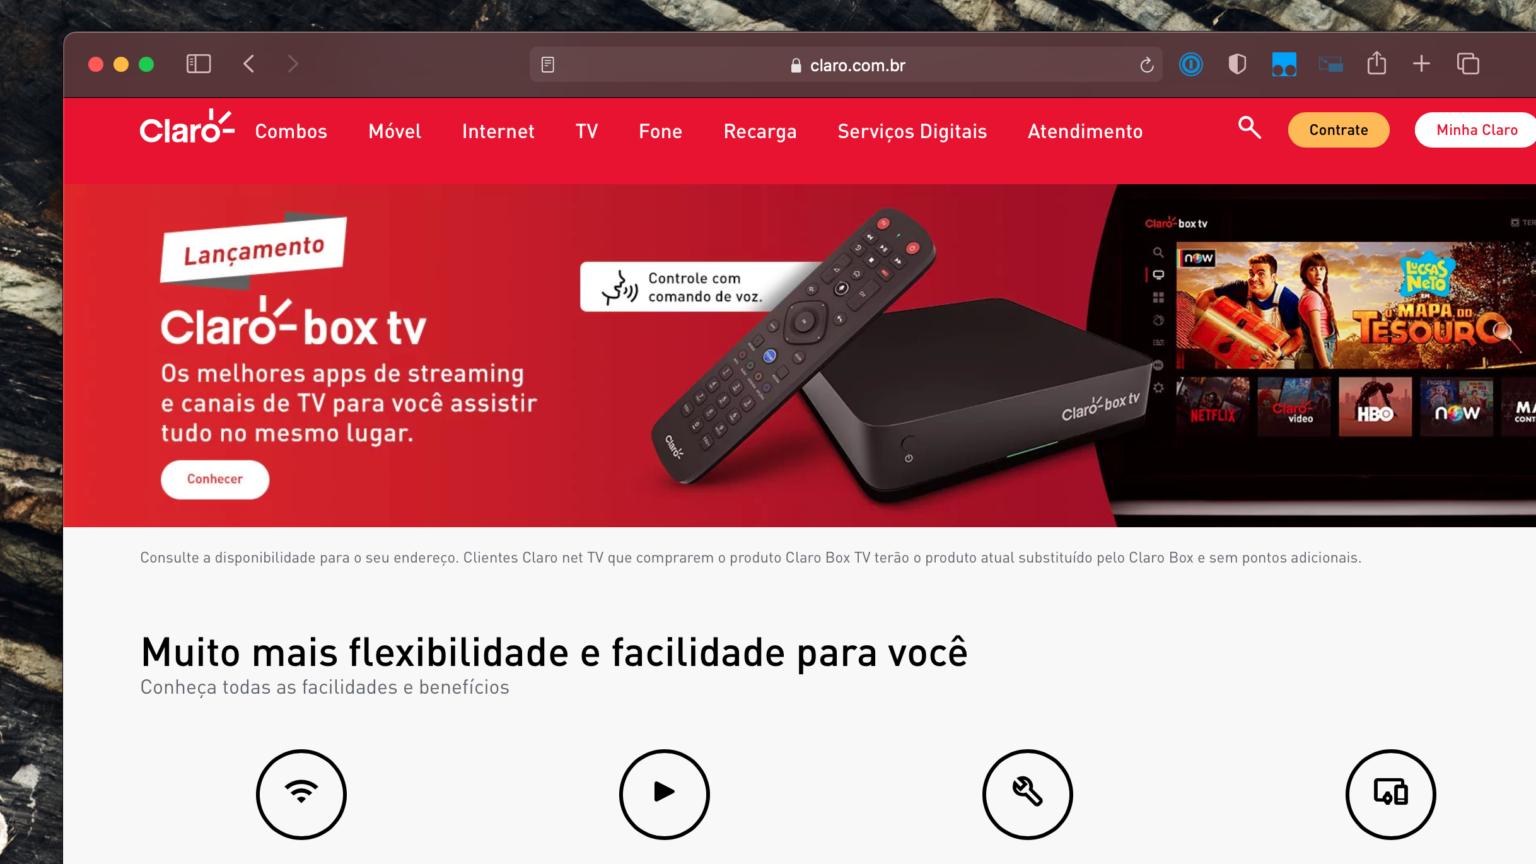 Claro Box TV tem controle remoto com comando de voz (Imagem: Reprodução/Site Claro)